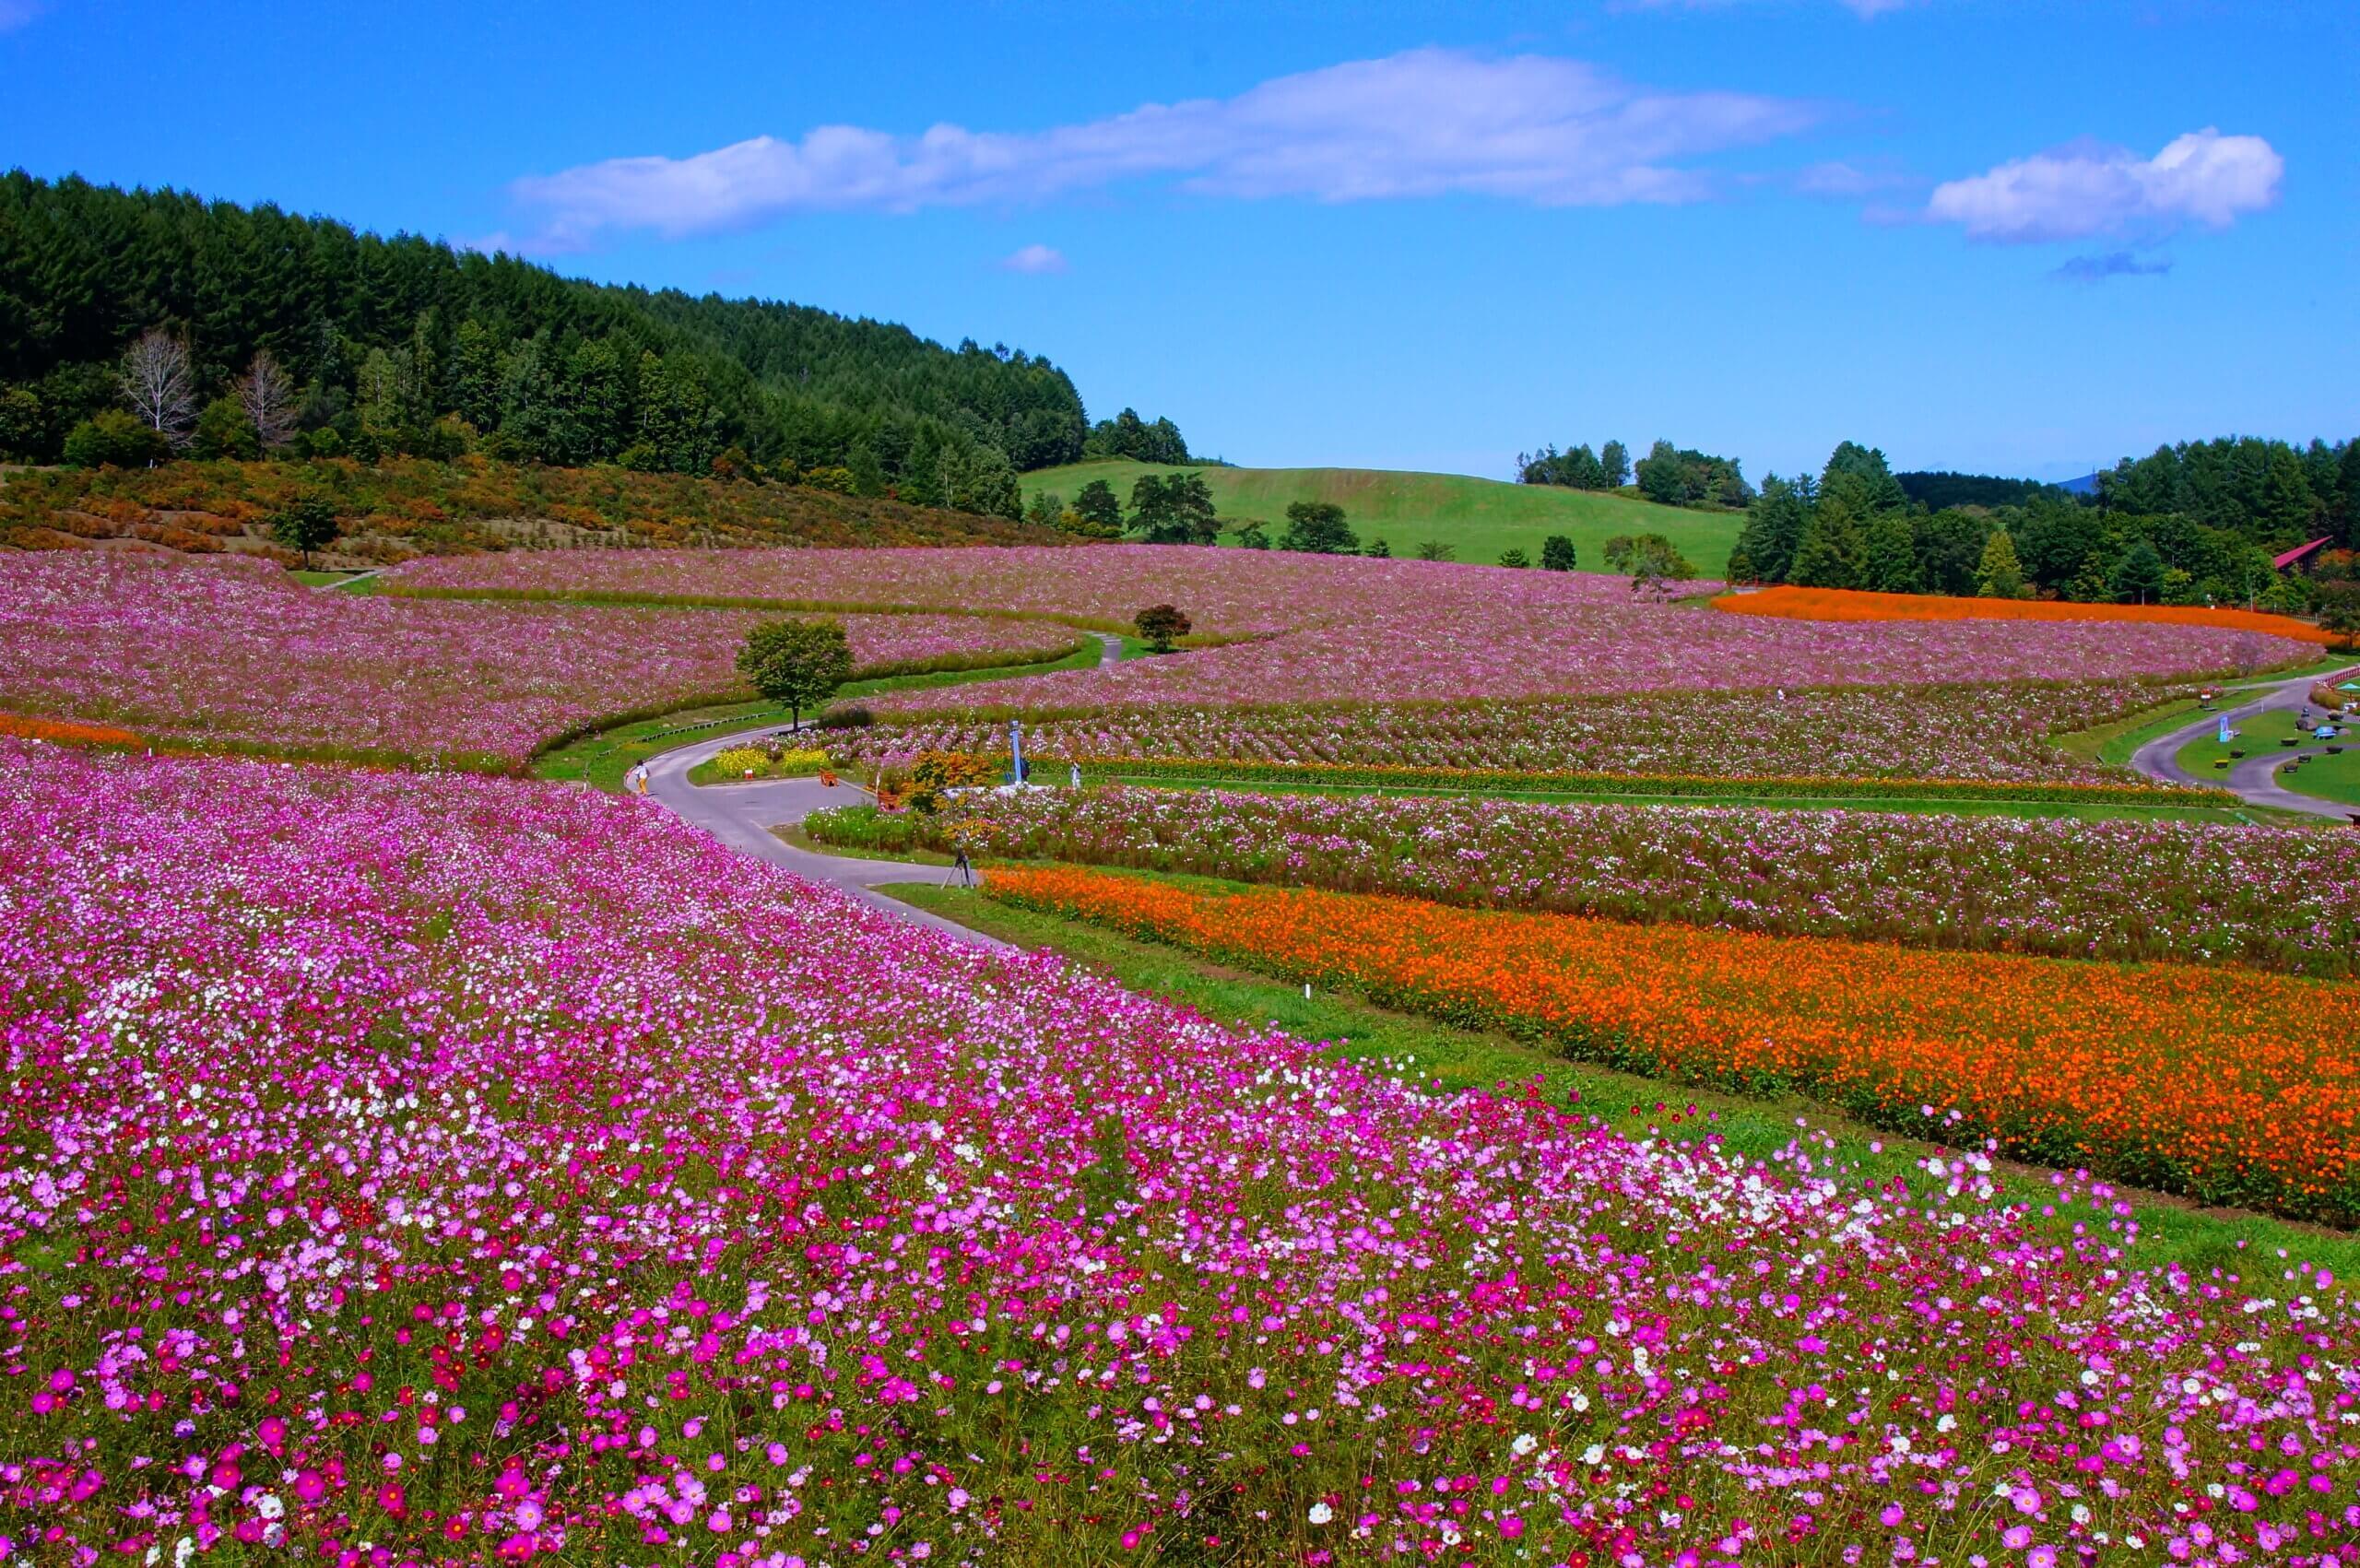 太陽之丘 遠輕公園:日本最大規模的波斯菊花園